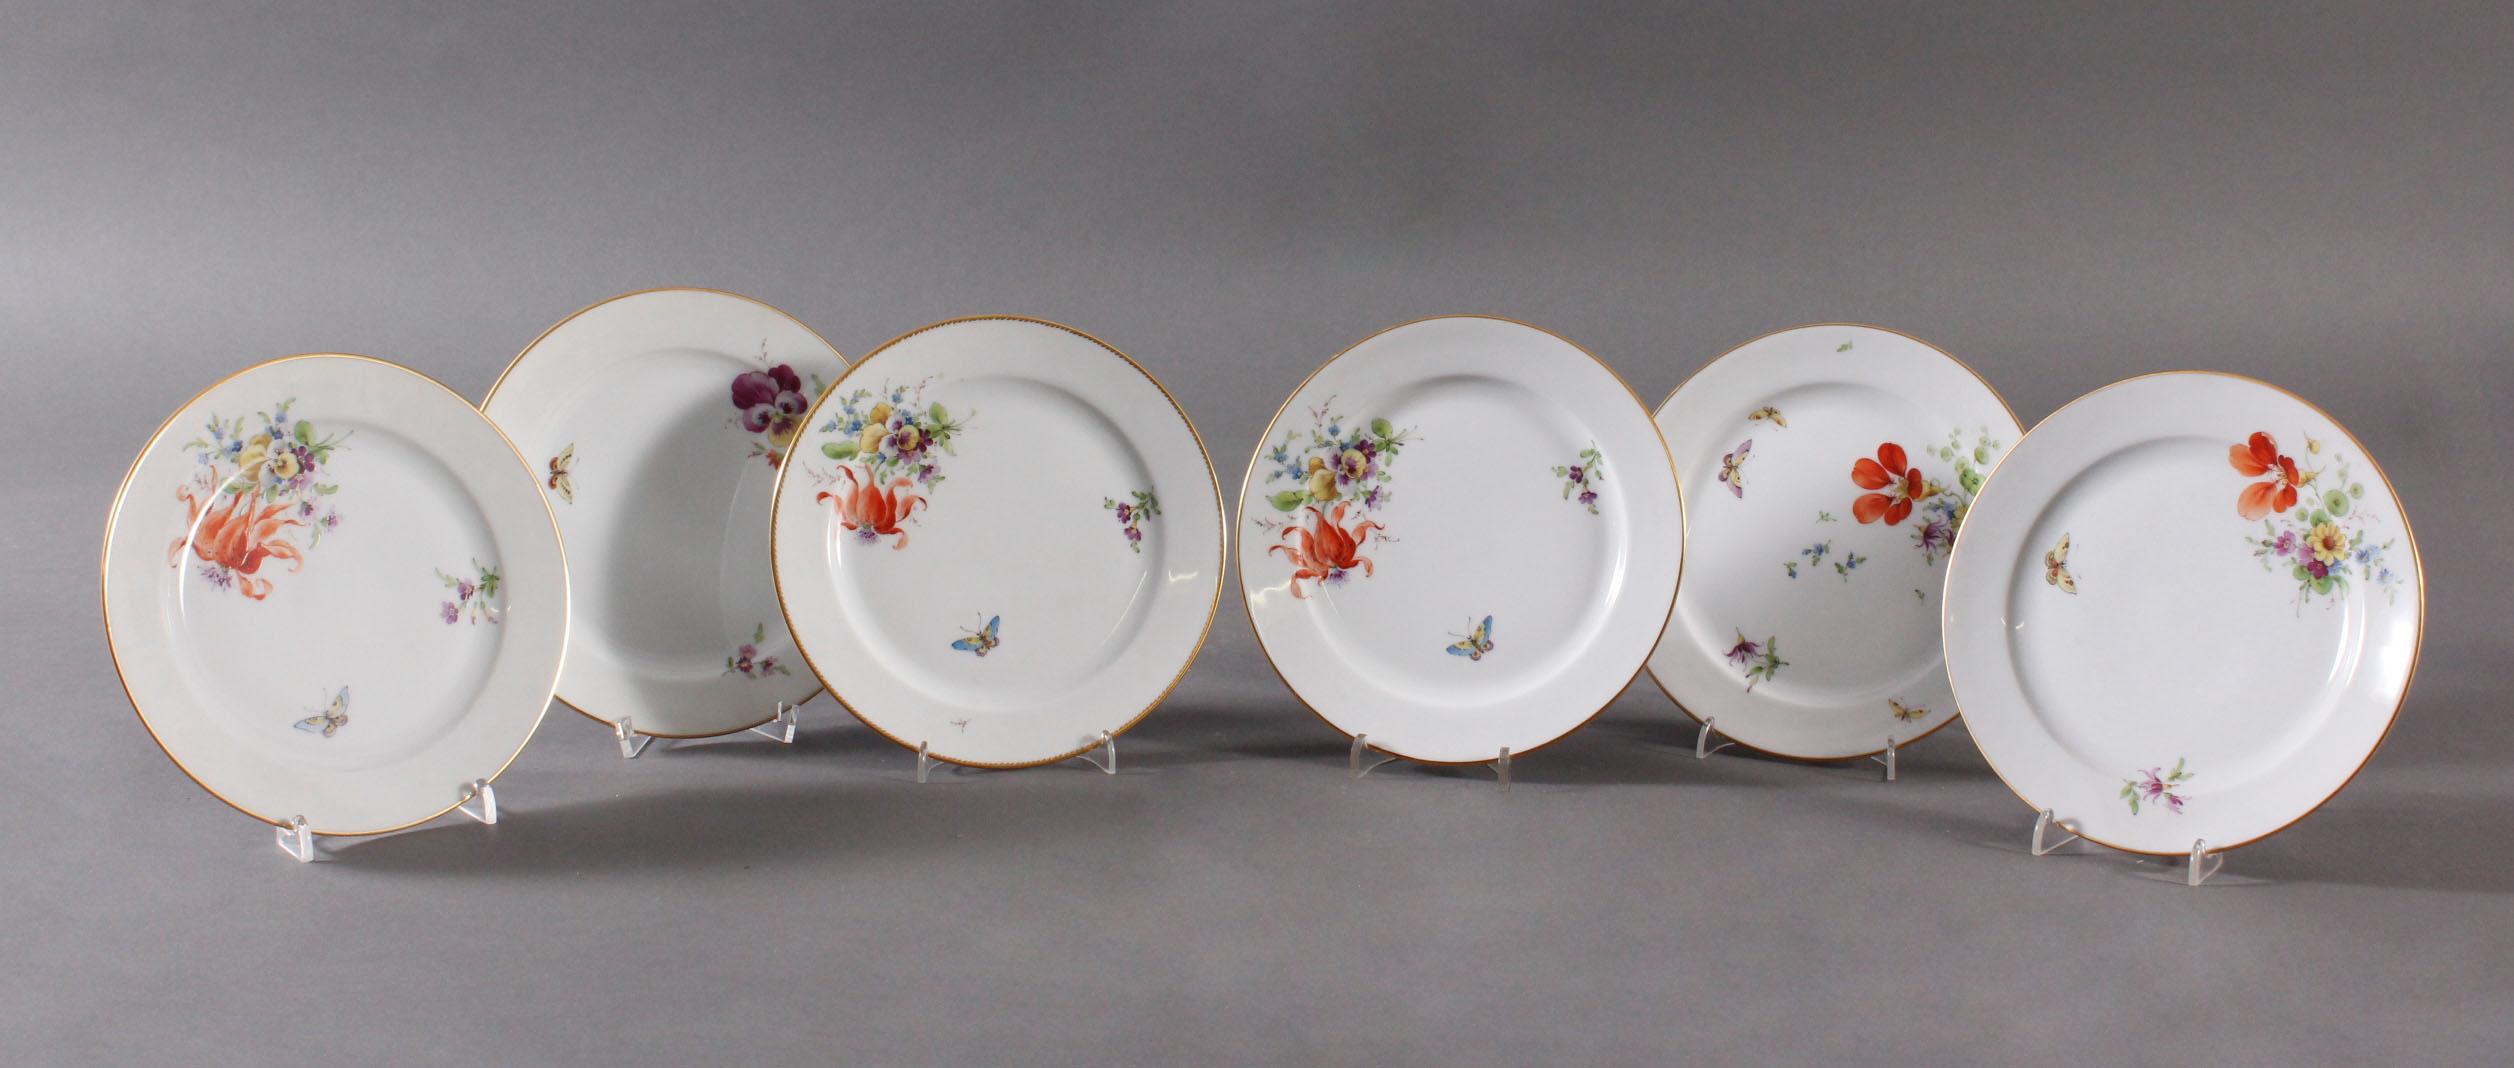 6 Zierteller, Höchster Porzellanmanufaktur, signiert Kurt Schröder